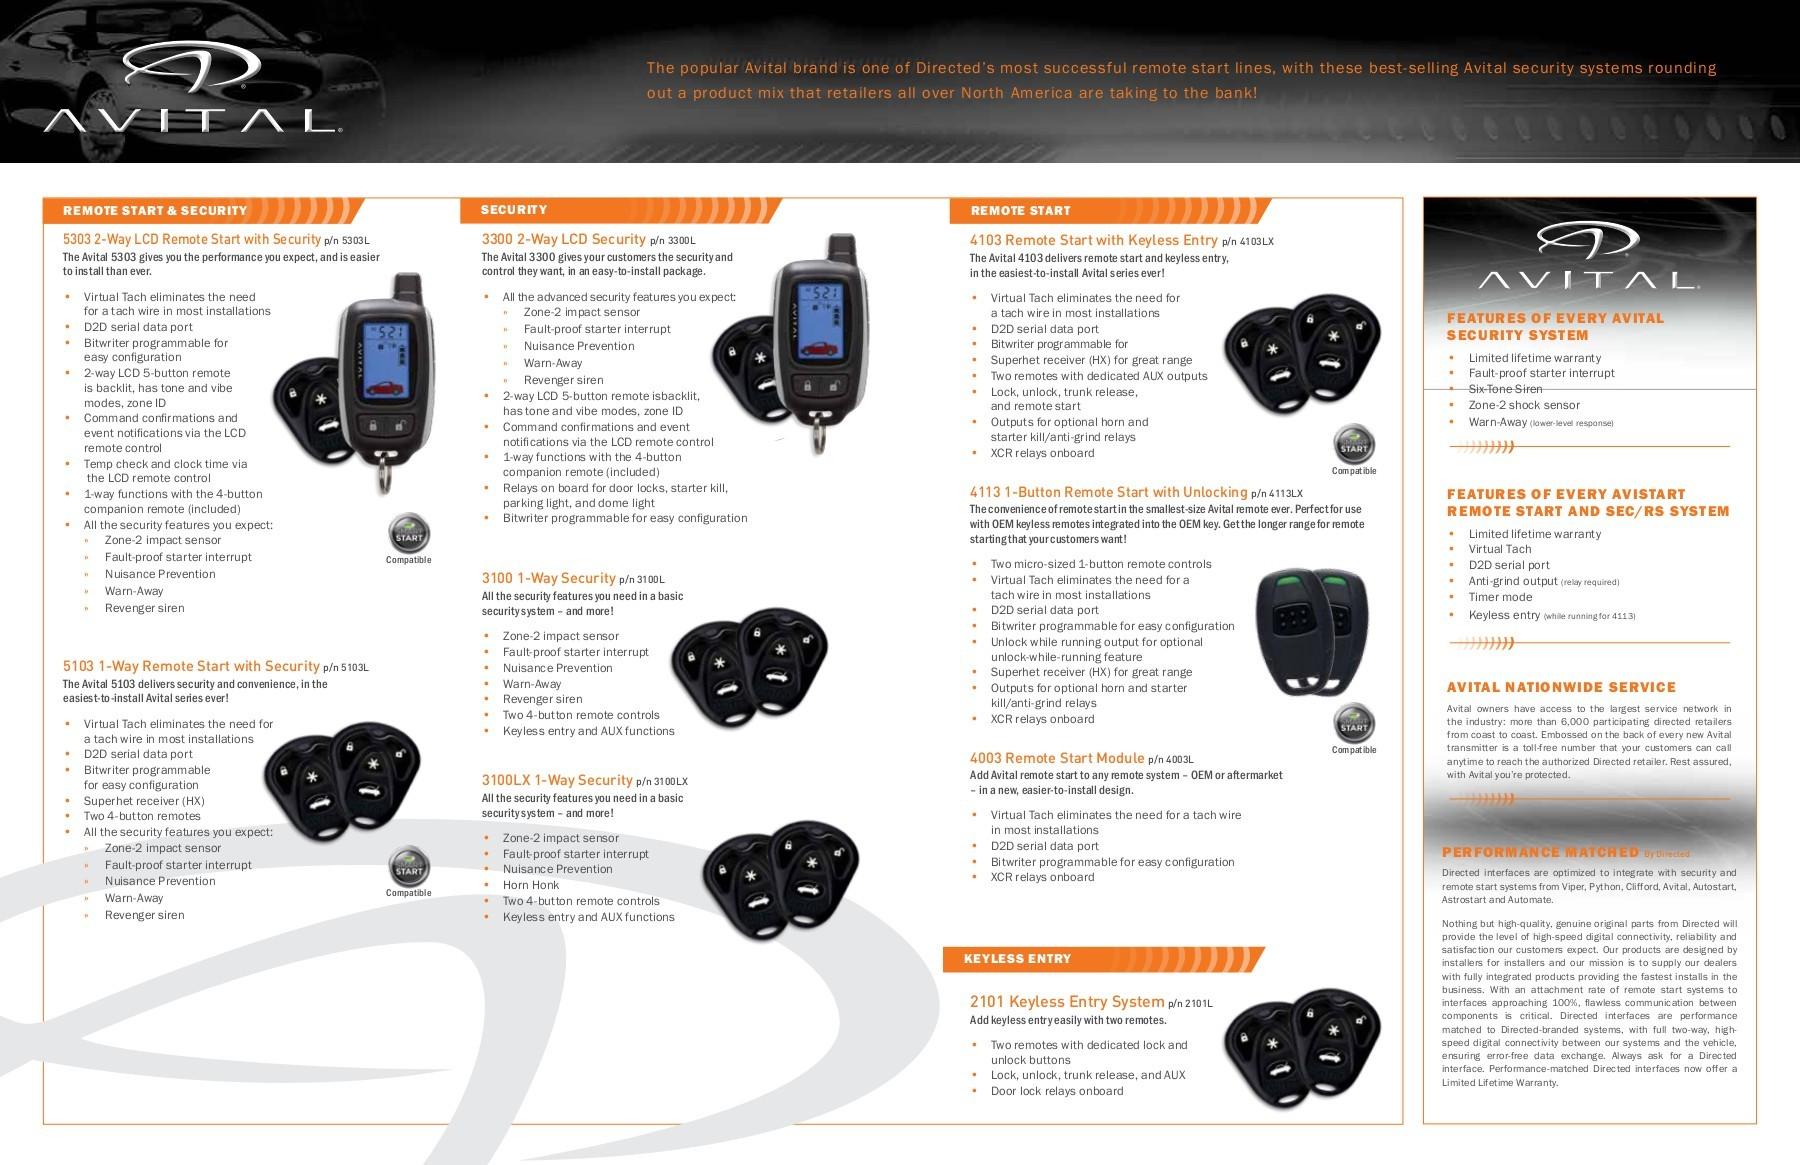 Remote Start 4103 Wiring Diagram Get Free Image About Wiring Diagram